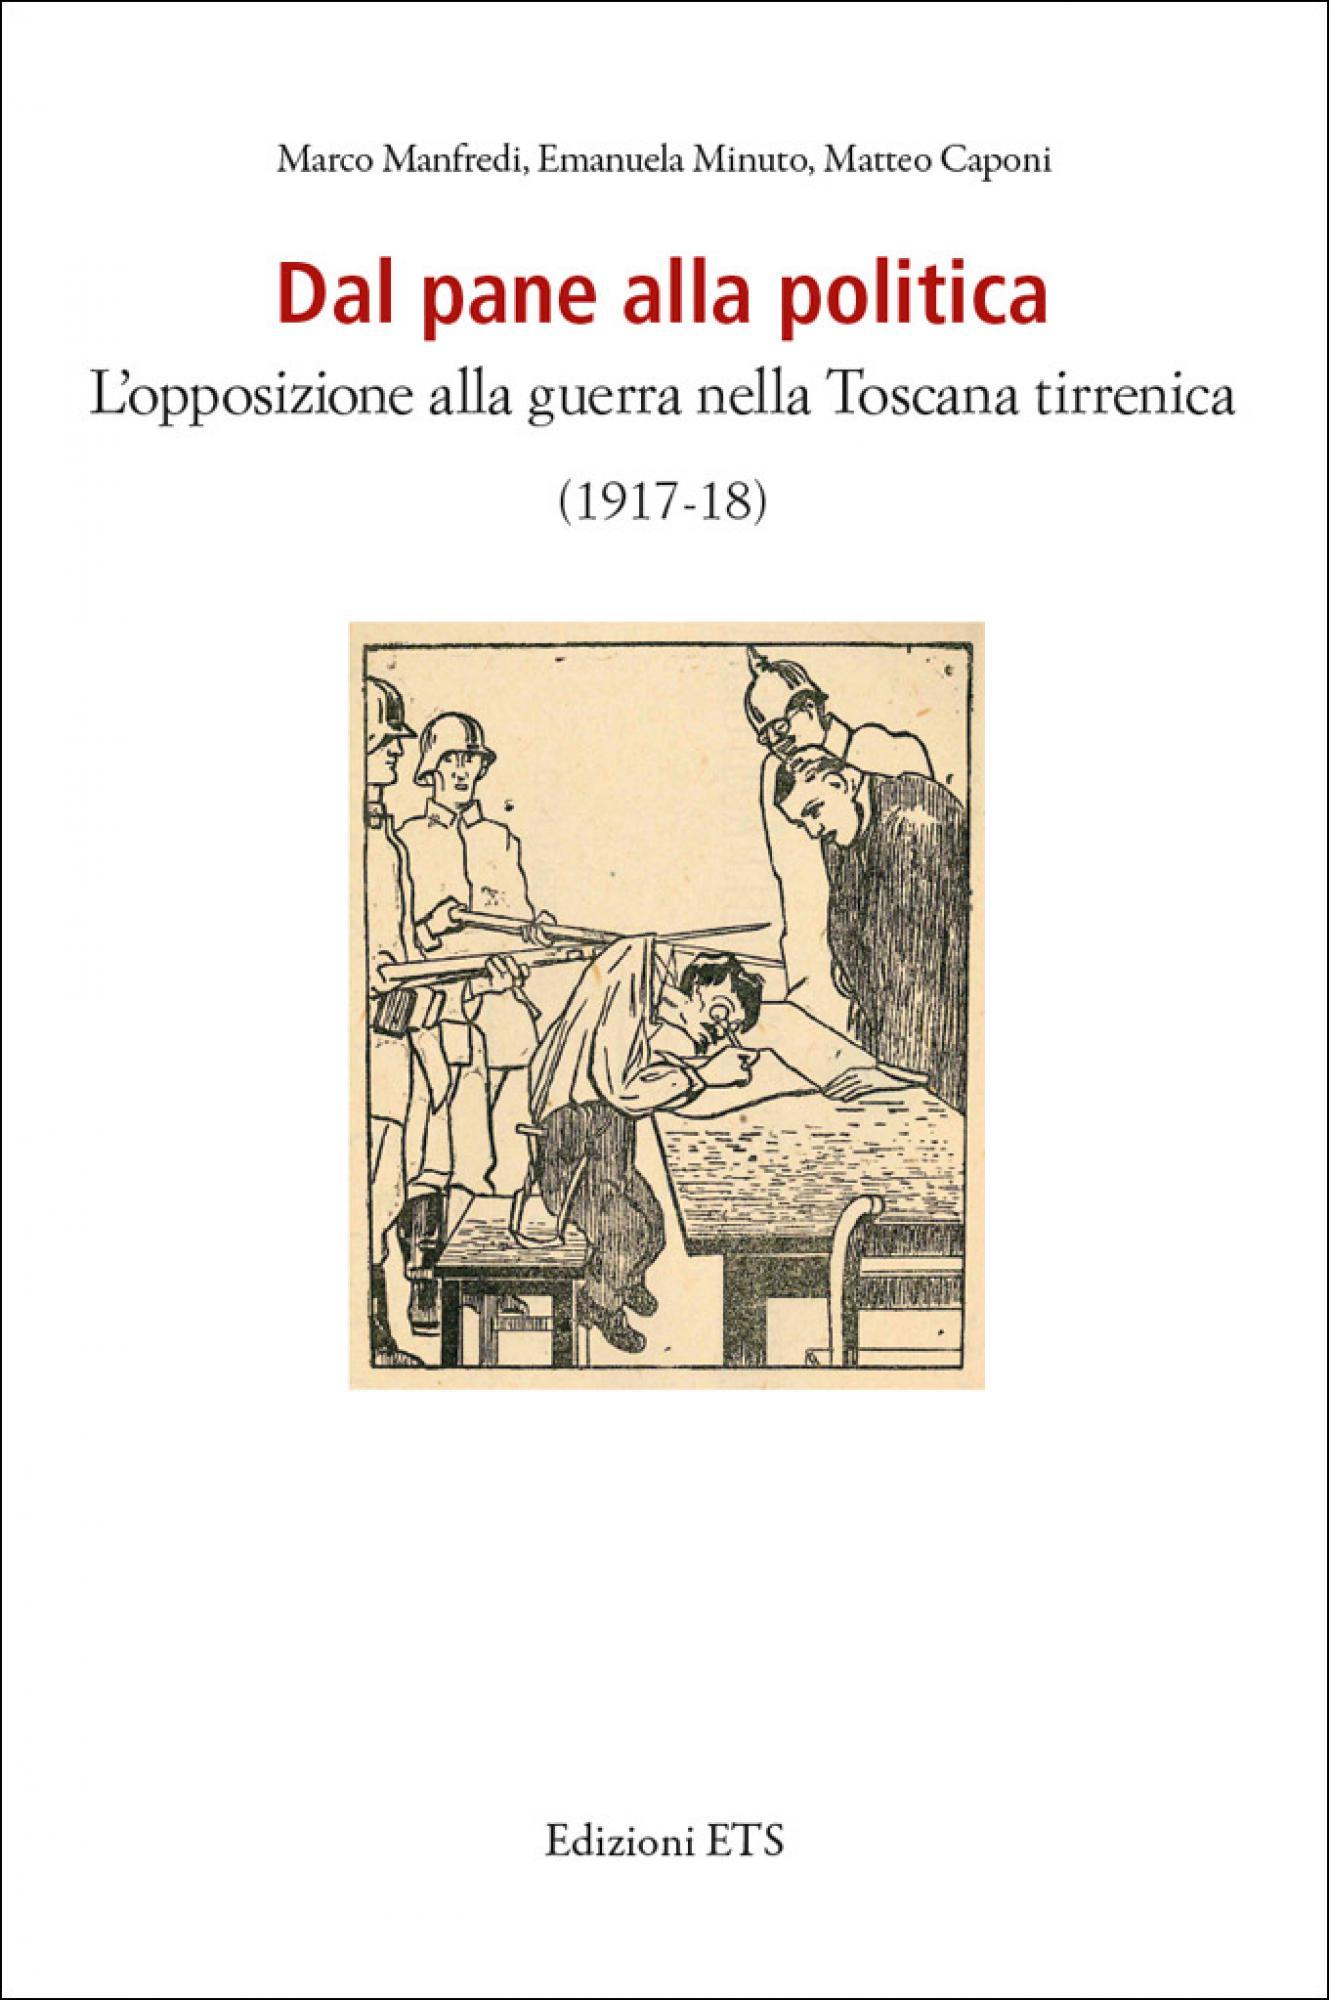 Dal pane alla politica.L'opposizione alla guerra nella Toscana tirrenica (1917-18)